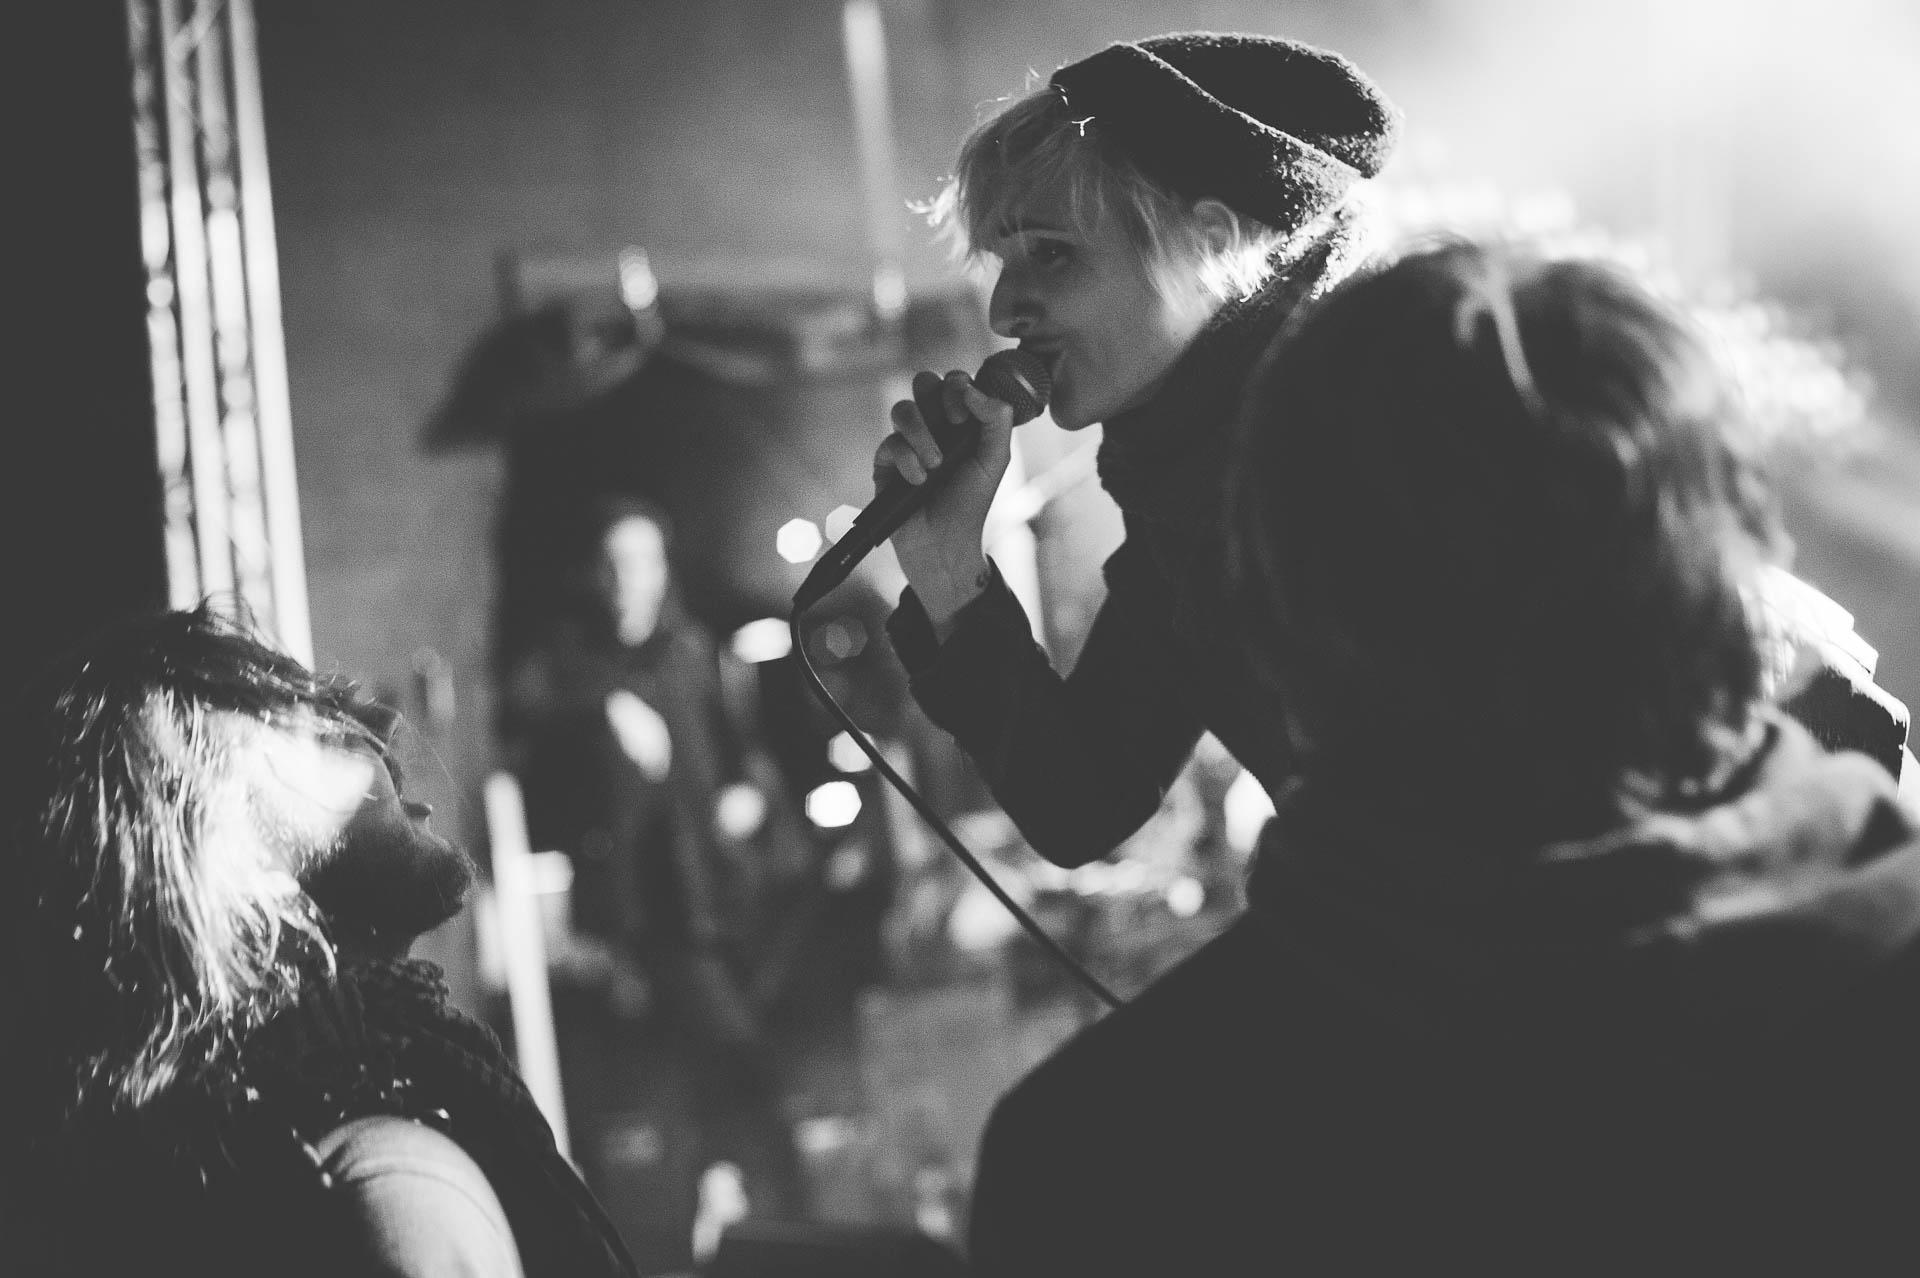 Konzert Sängerin und Publikum